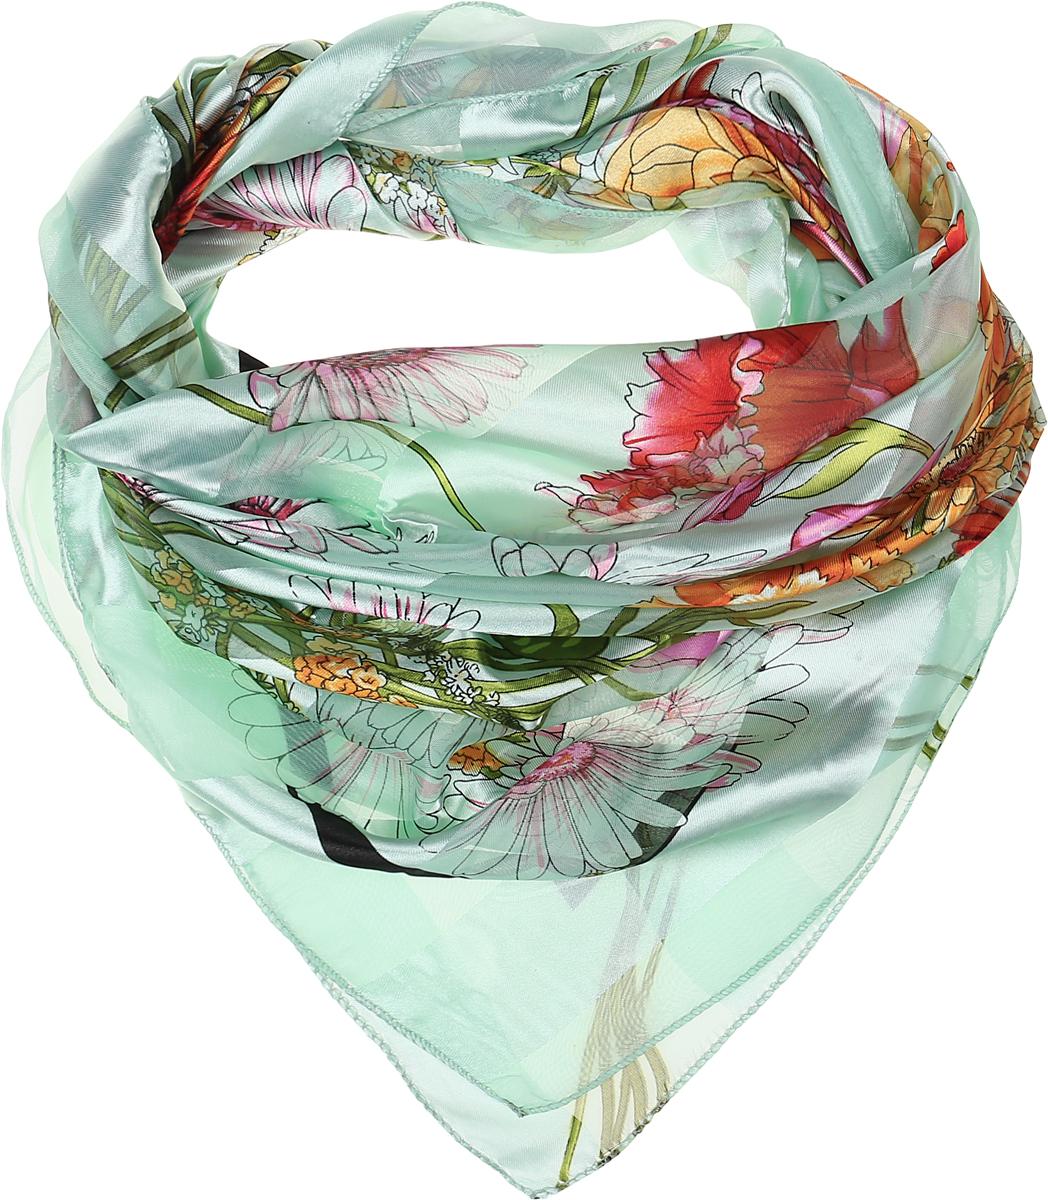 ПлатокRo0118-4-1Стильный женский платок Vittorio Richi изготовлен из высококачественного полиэстера с добавлением шелка. Платок оформлен эффектом деворе полоса и цветочным принтом. Отделка краев - оверлок.